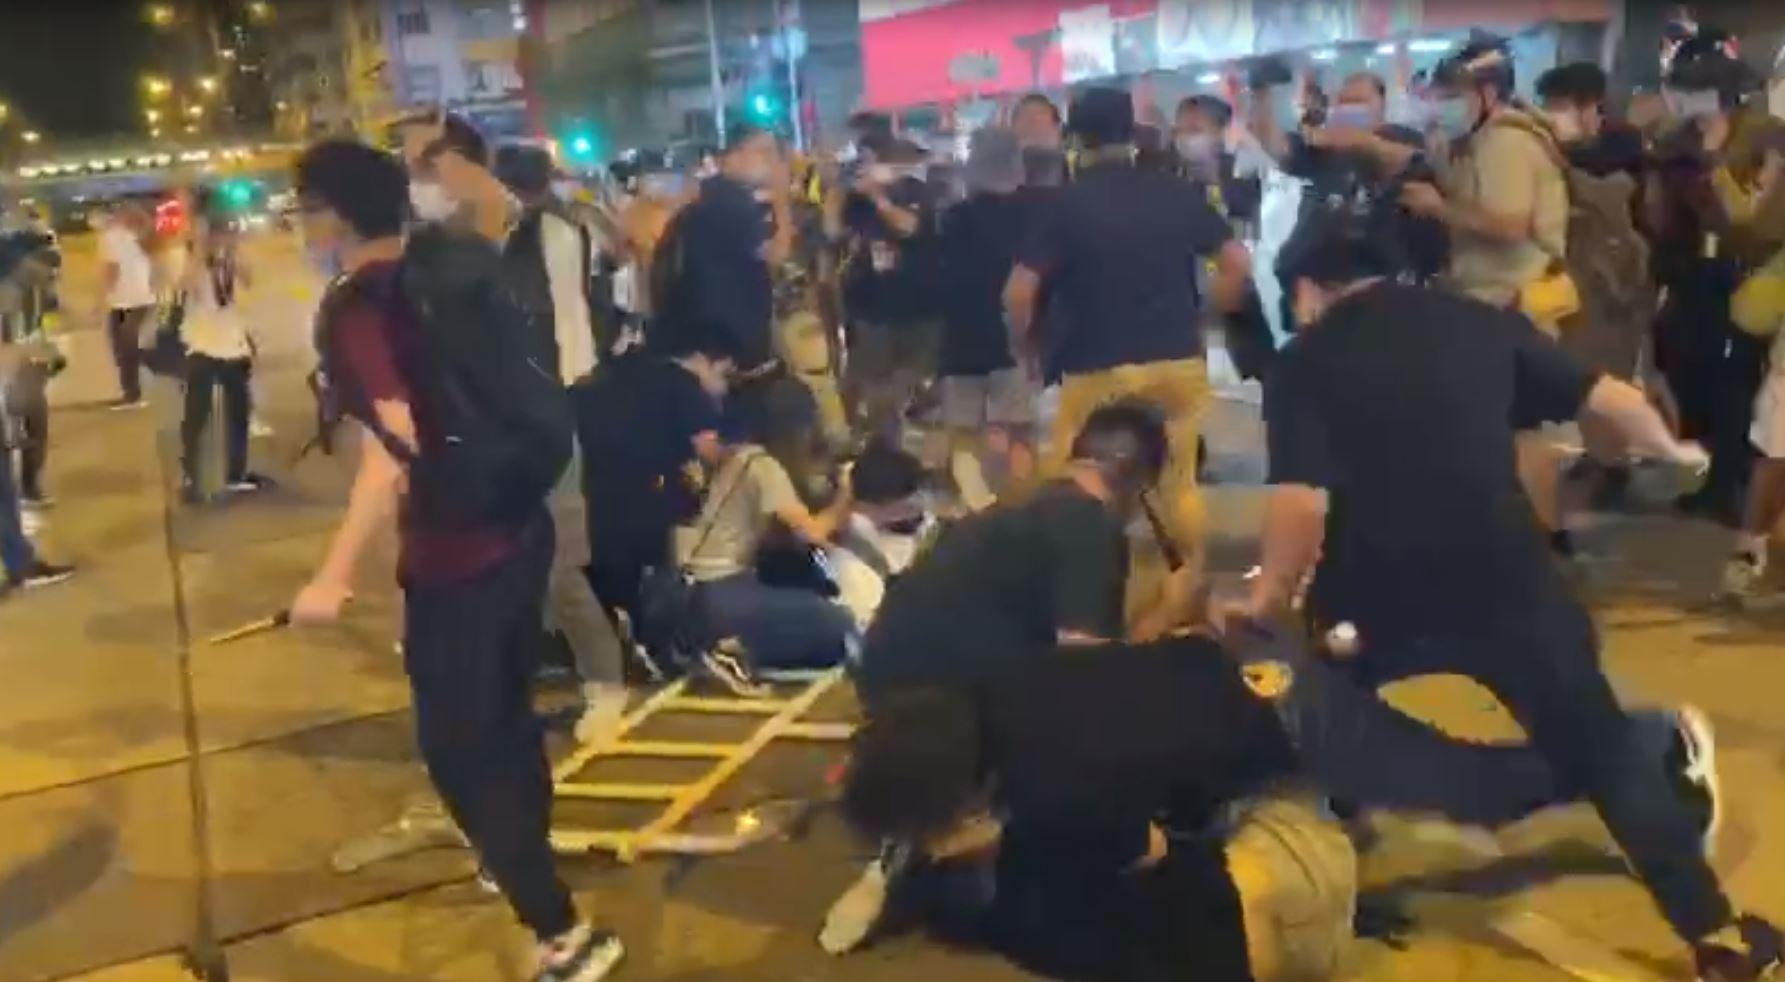 6月4日香港各區舉行六四燭光集會,晚上9時左右,多名便衣警察在旺角拘捕至少2人。(大紀元資料圖)